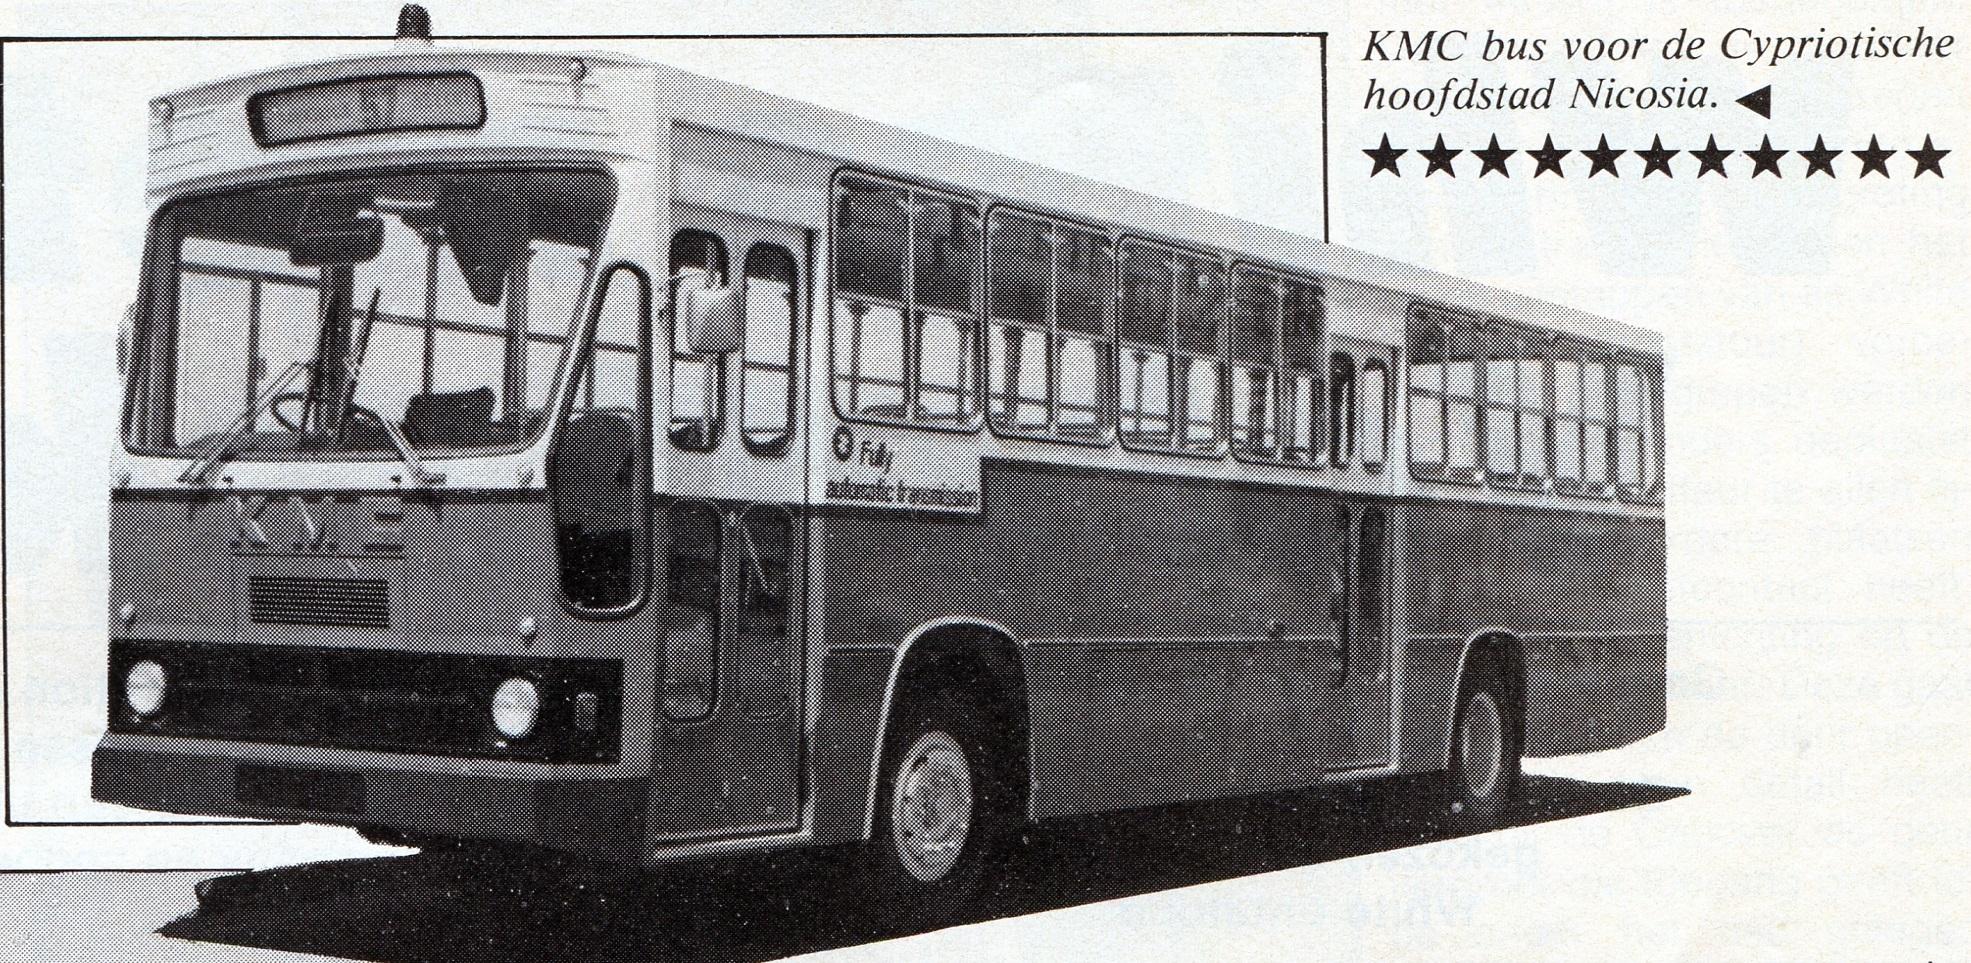 -cyprus-kmc-bus